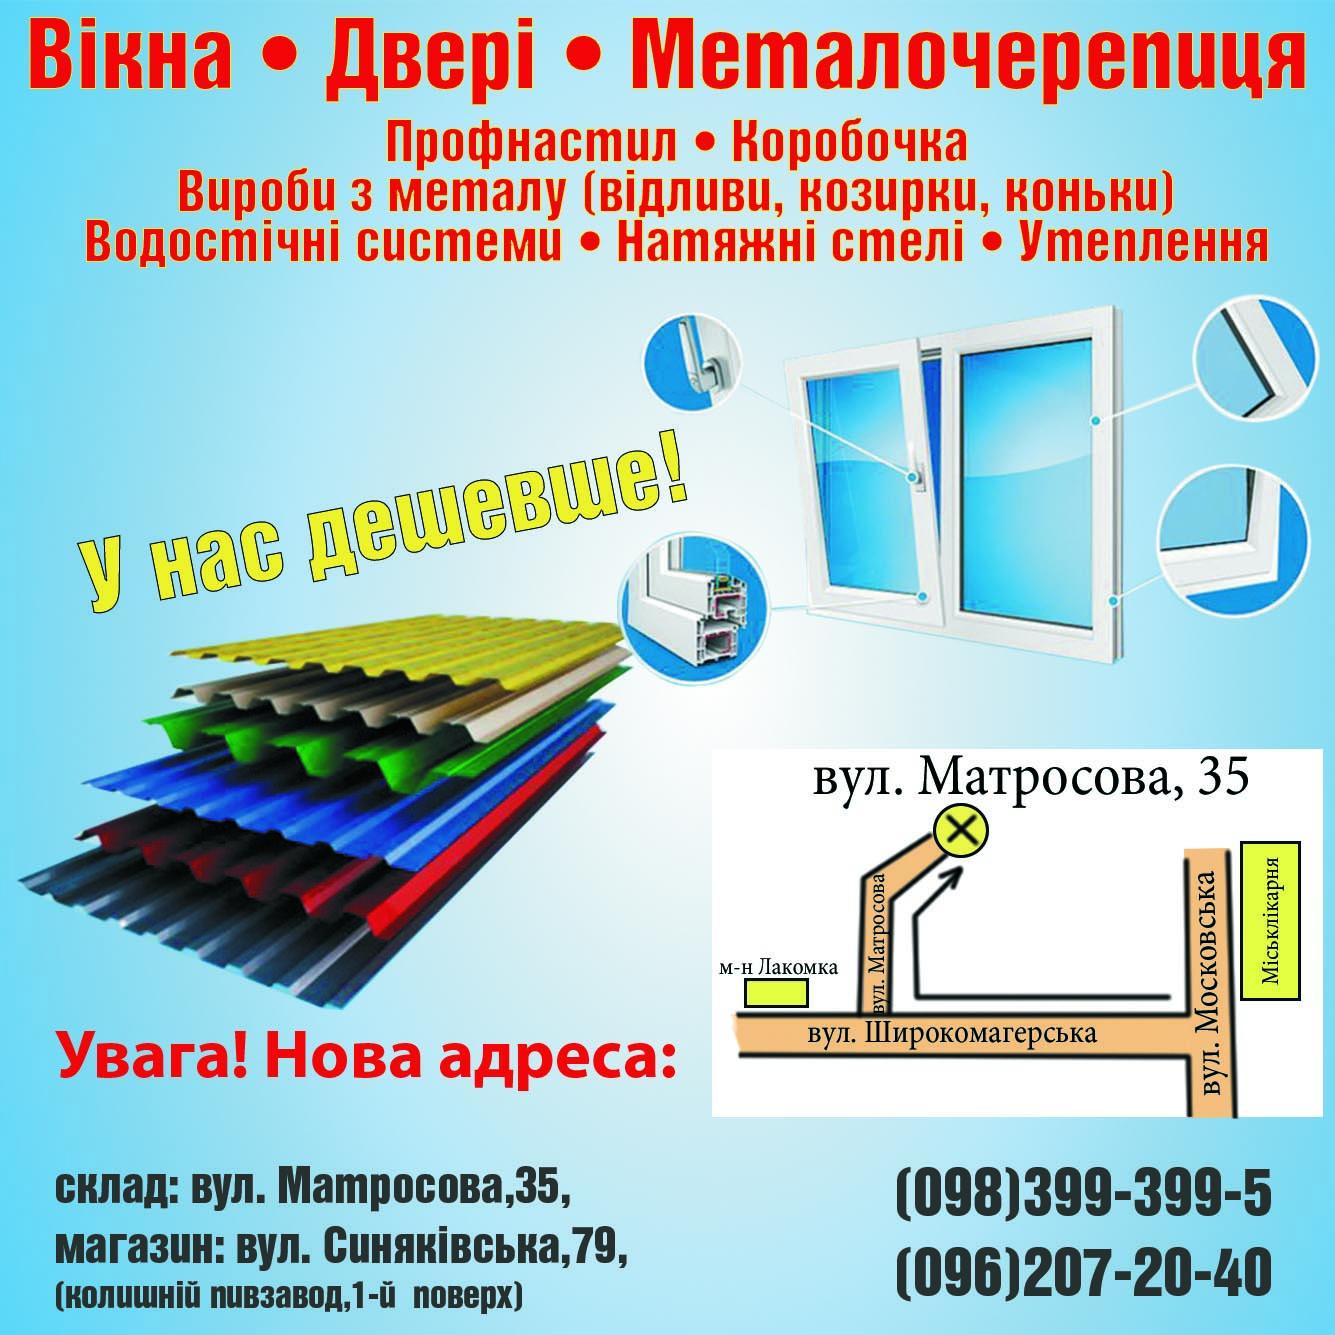 магазини, будівельні матеріали, ремонт